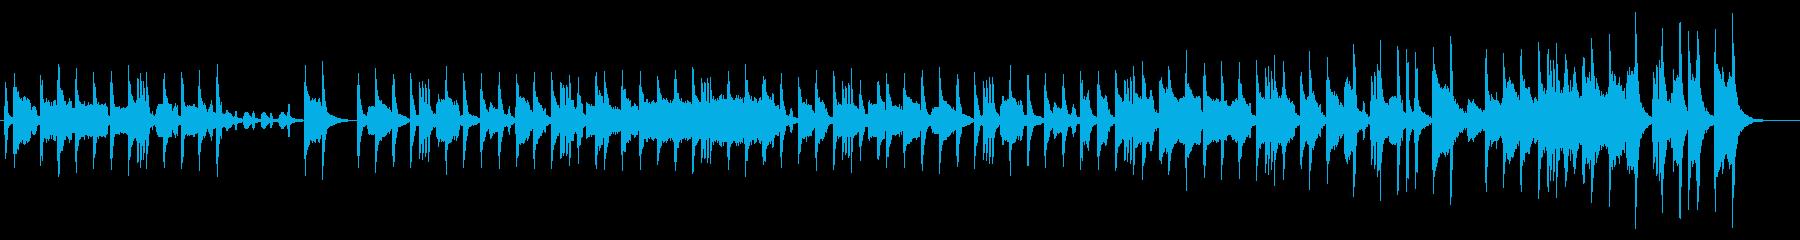 バイオリンとアコーディオンの短調のタンゴの再生済みの波形